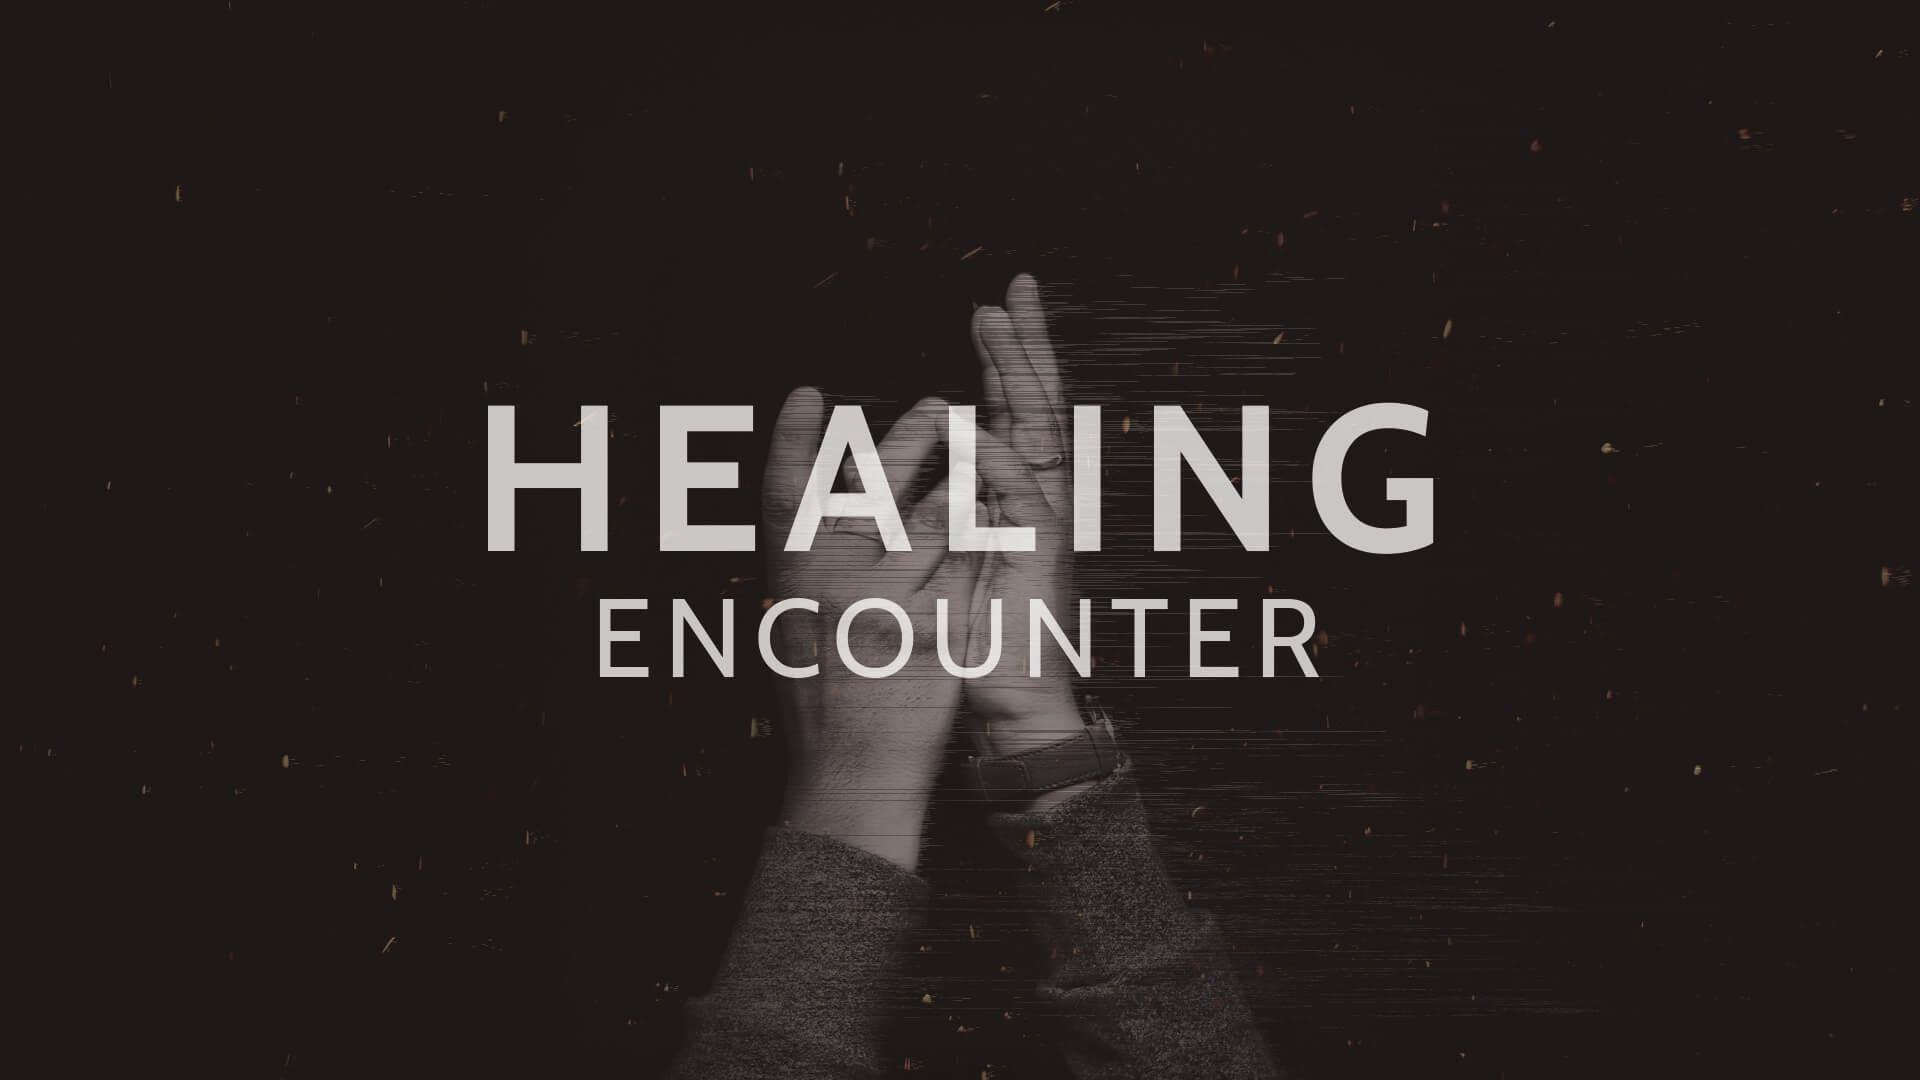 Healing Encounter